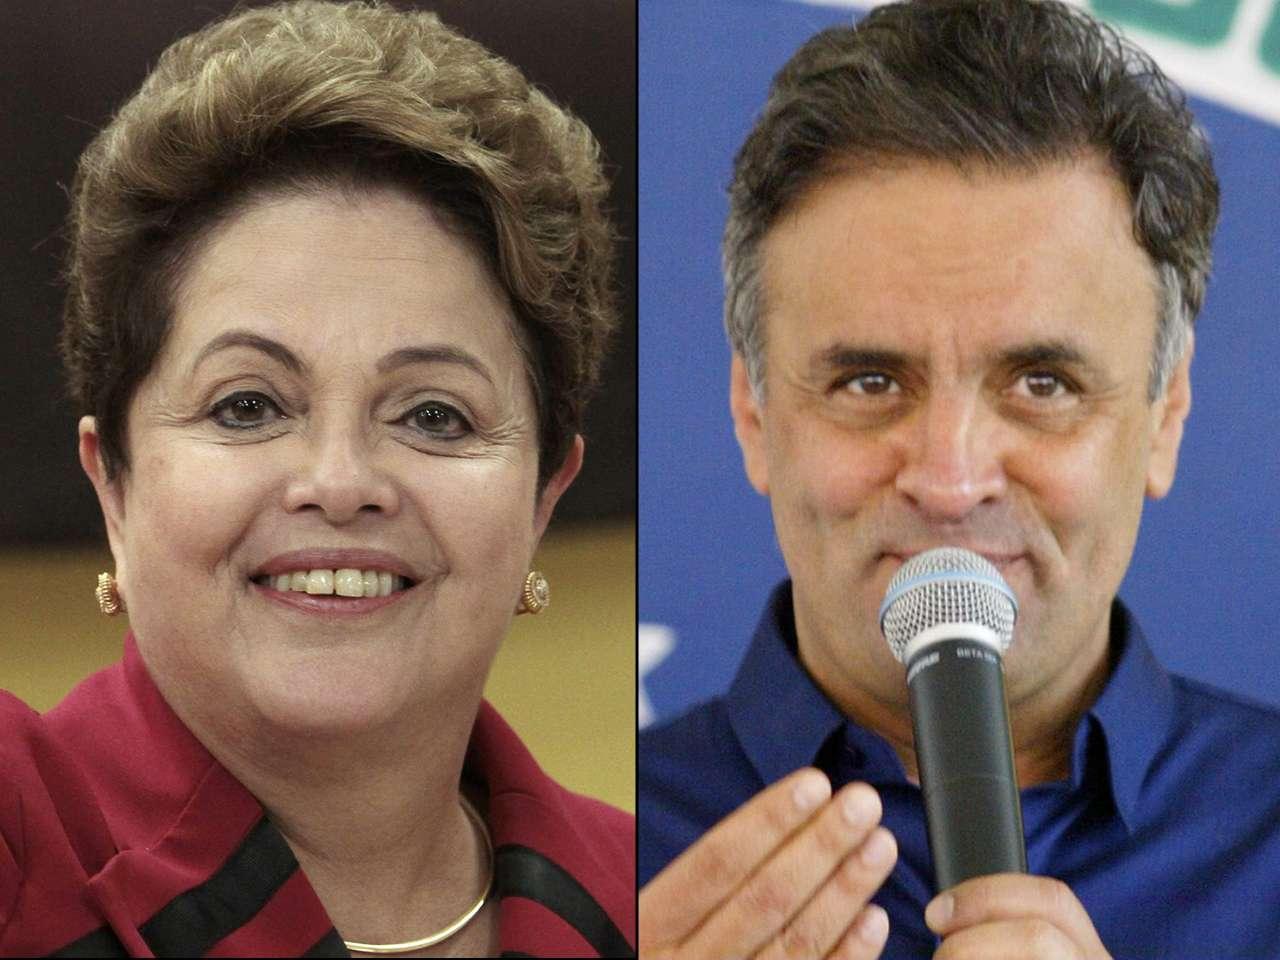 La presidenta de Brasil Dilma Rousseff (izq.) y el candidato socialdemócrata Aecio Neves Foto: EFE/Especial